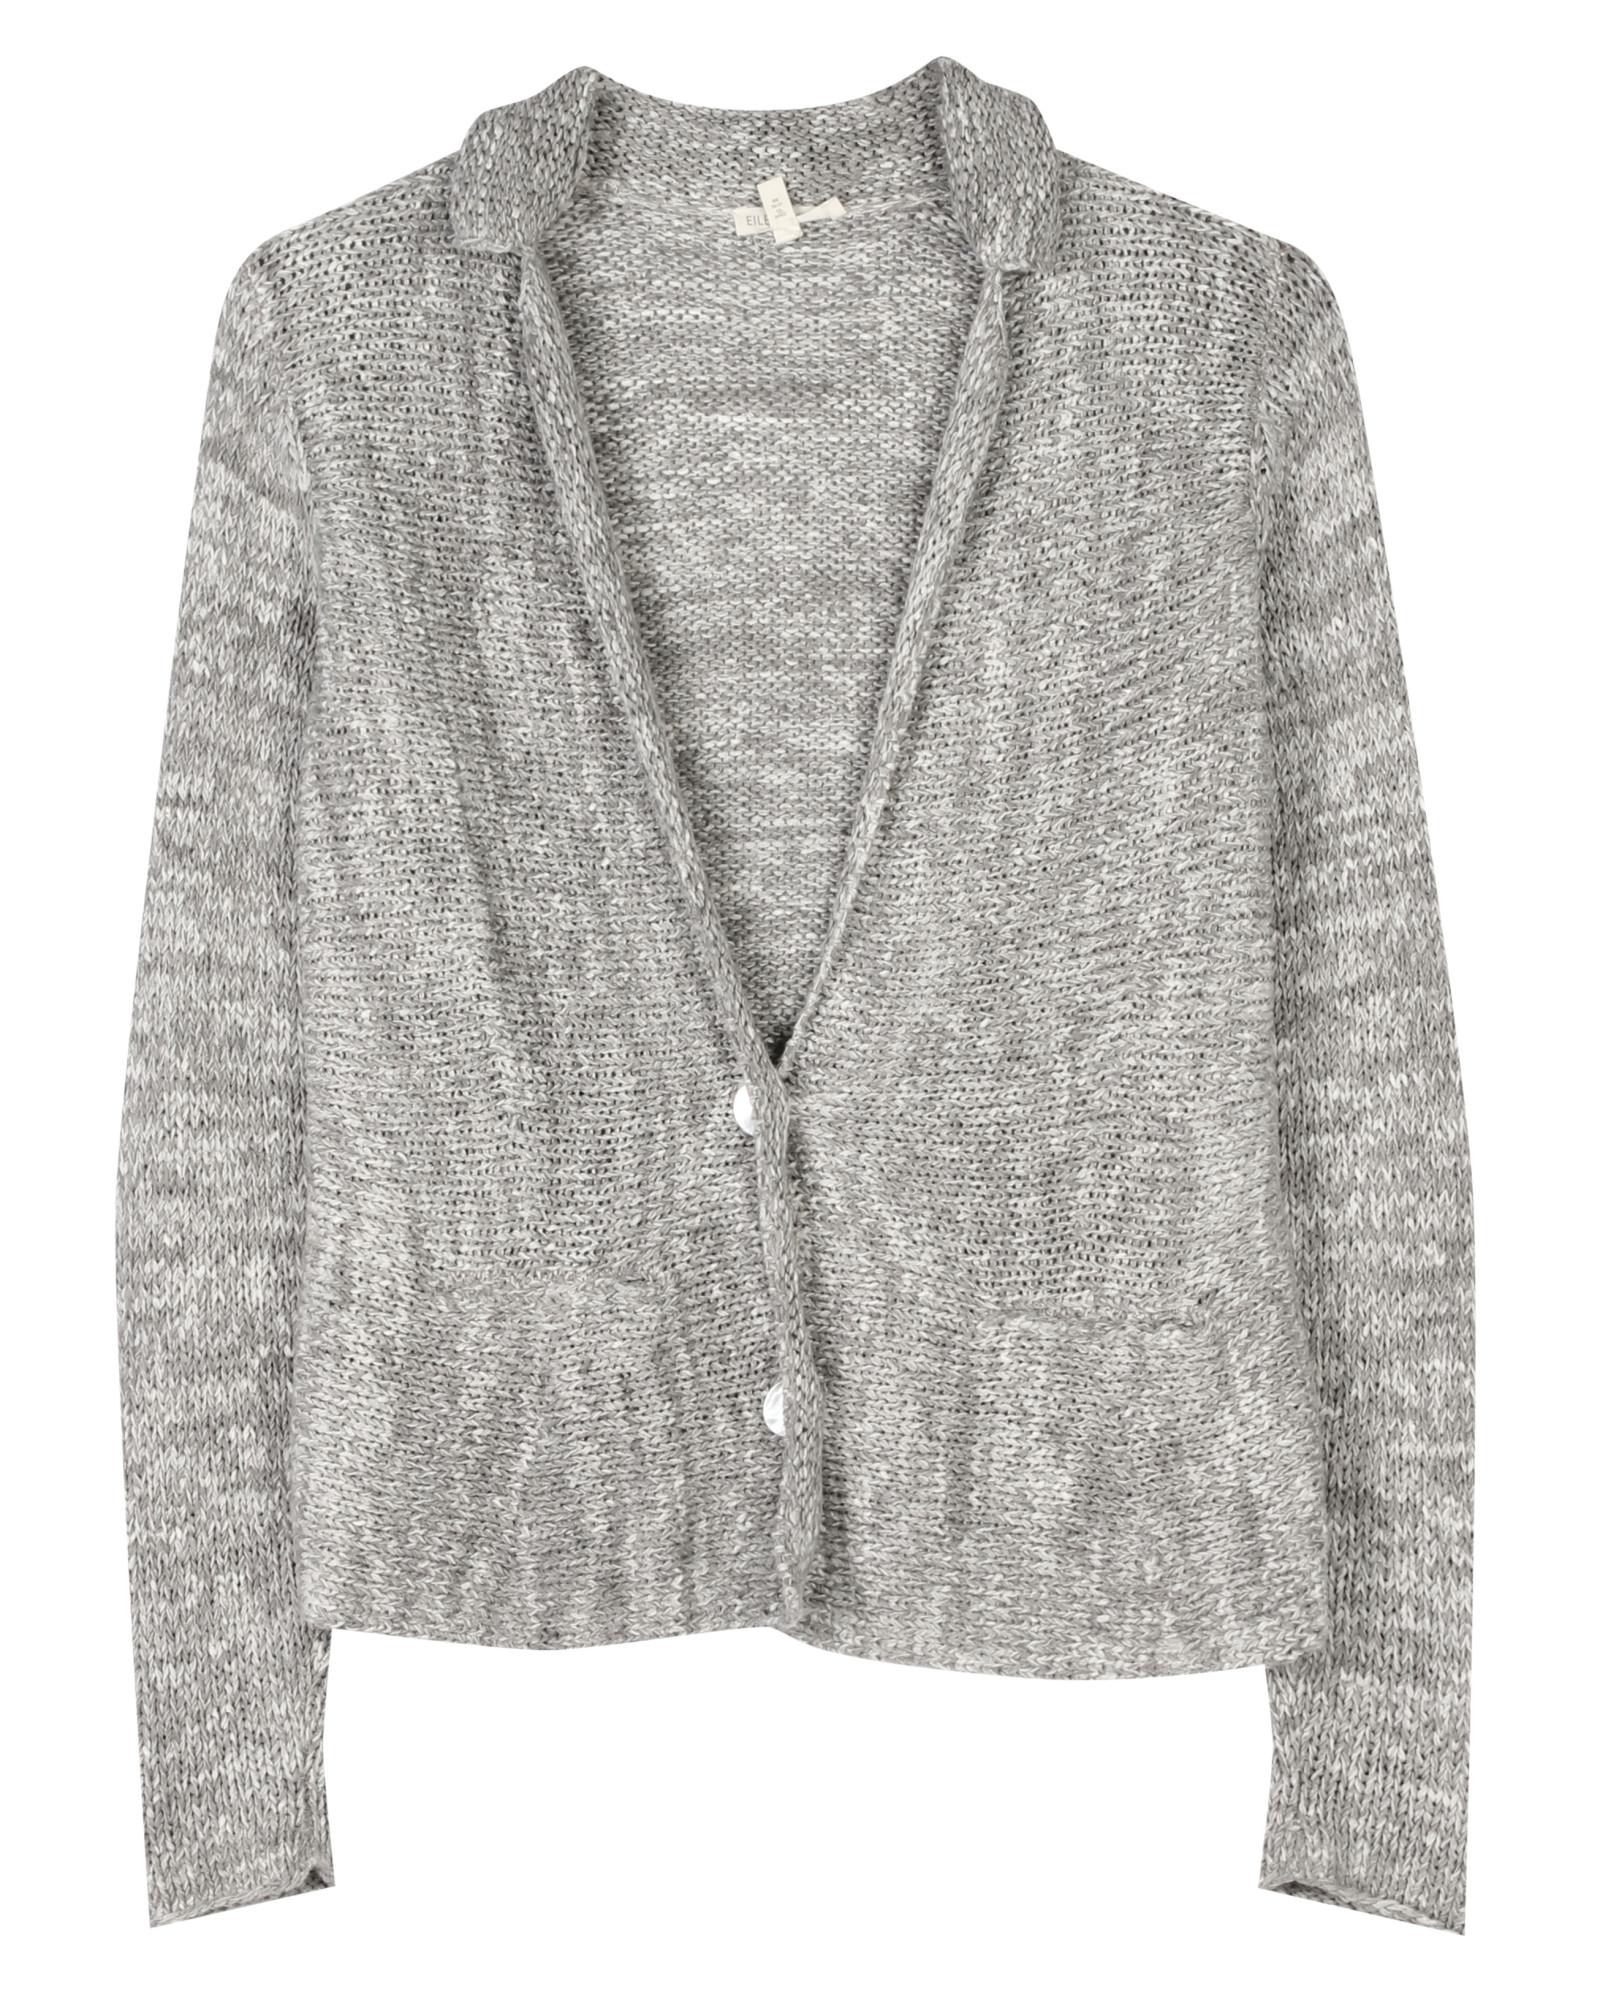 Cotton Wonder Jersey Jacket